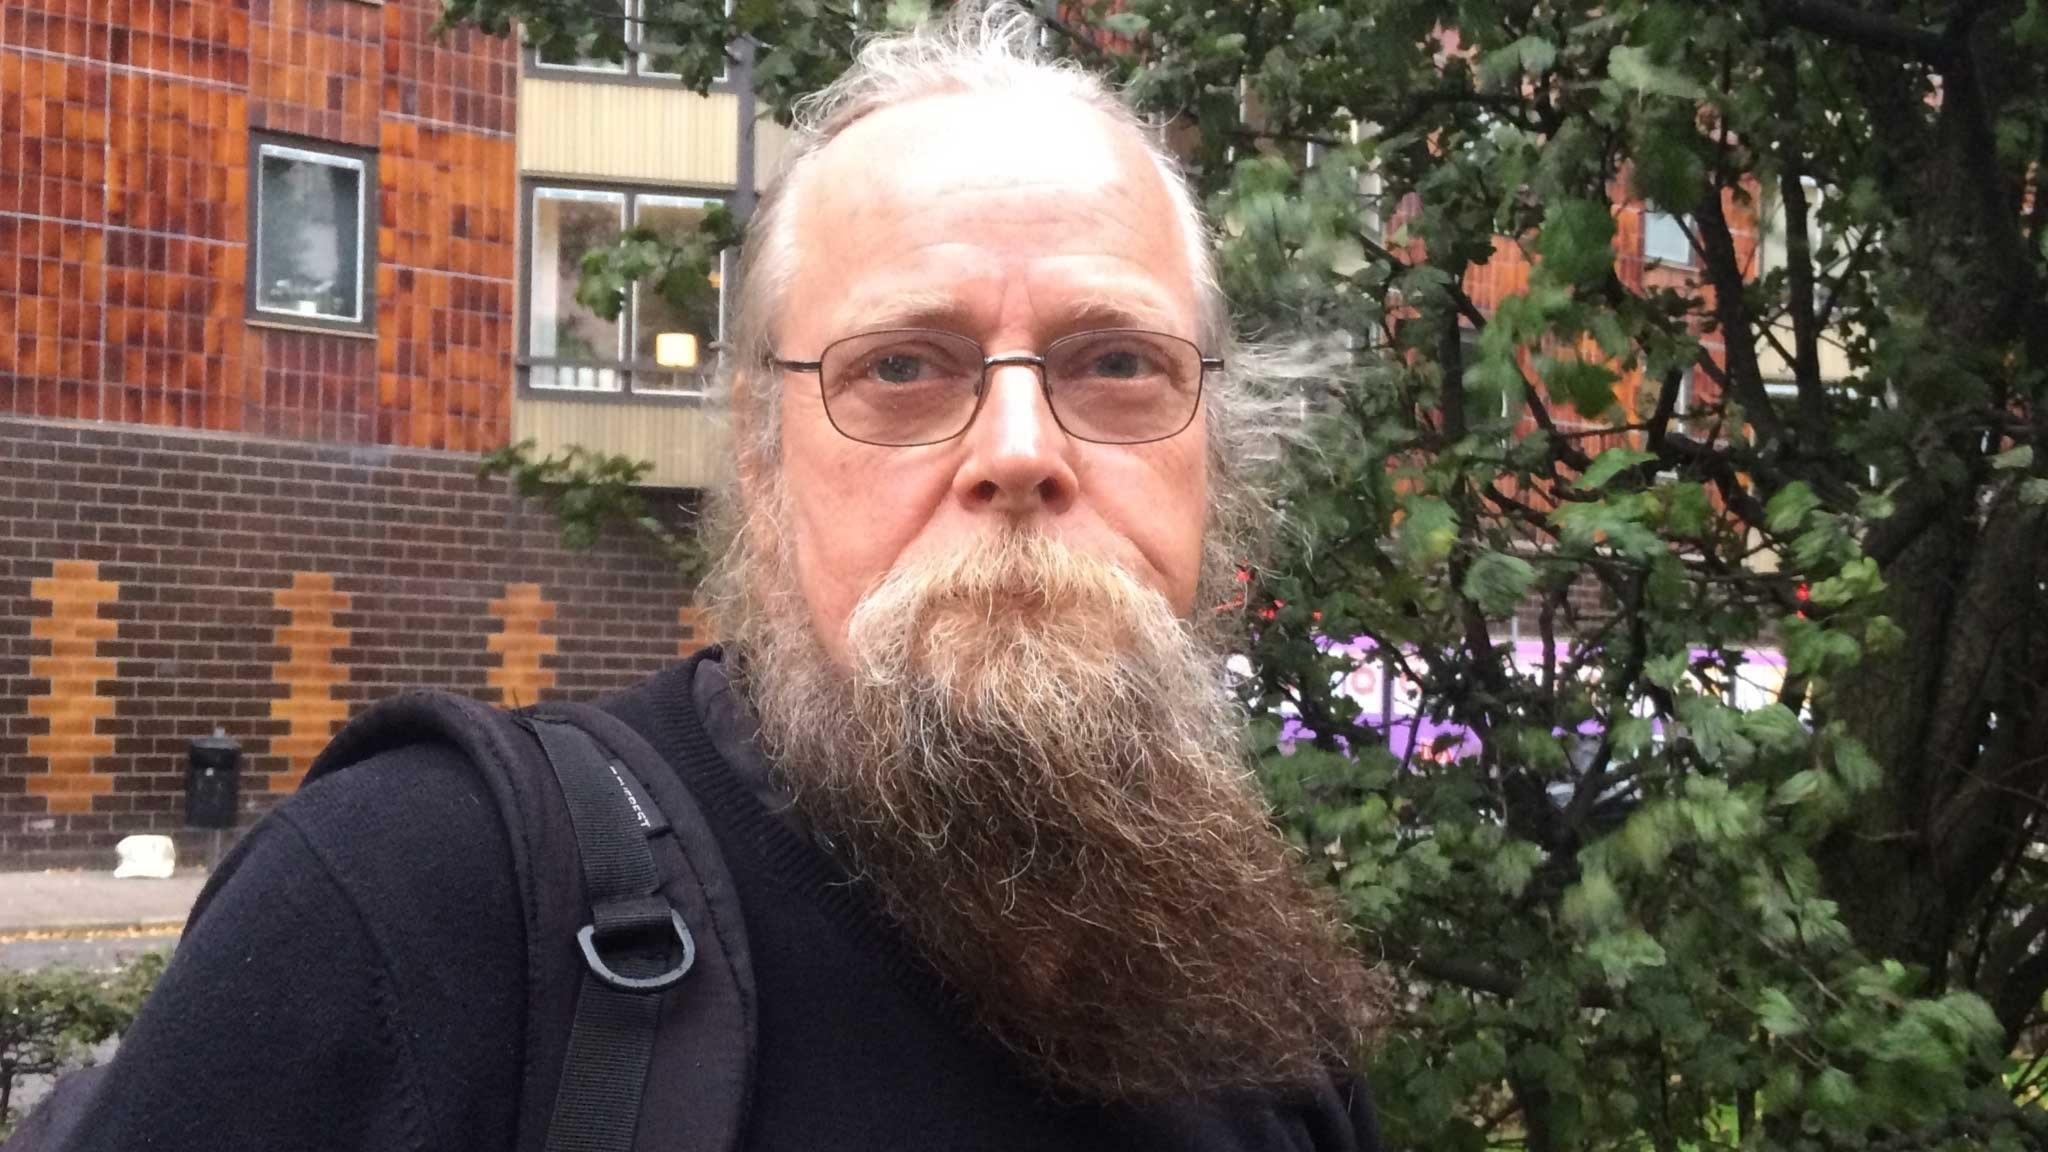 Håkan Sandvik - Vi får aldrig sluta fira livets seger